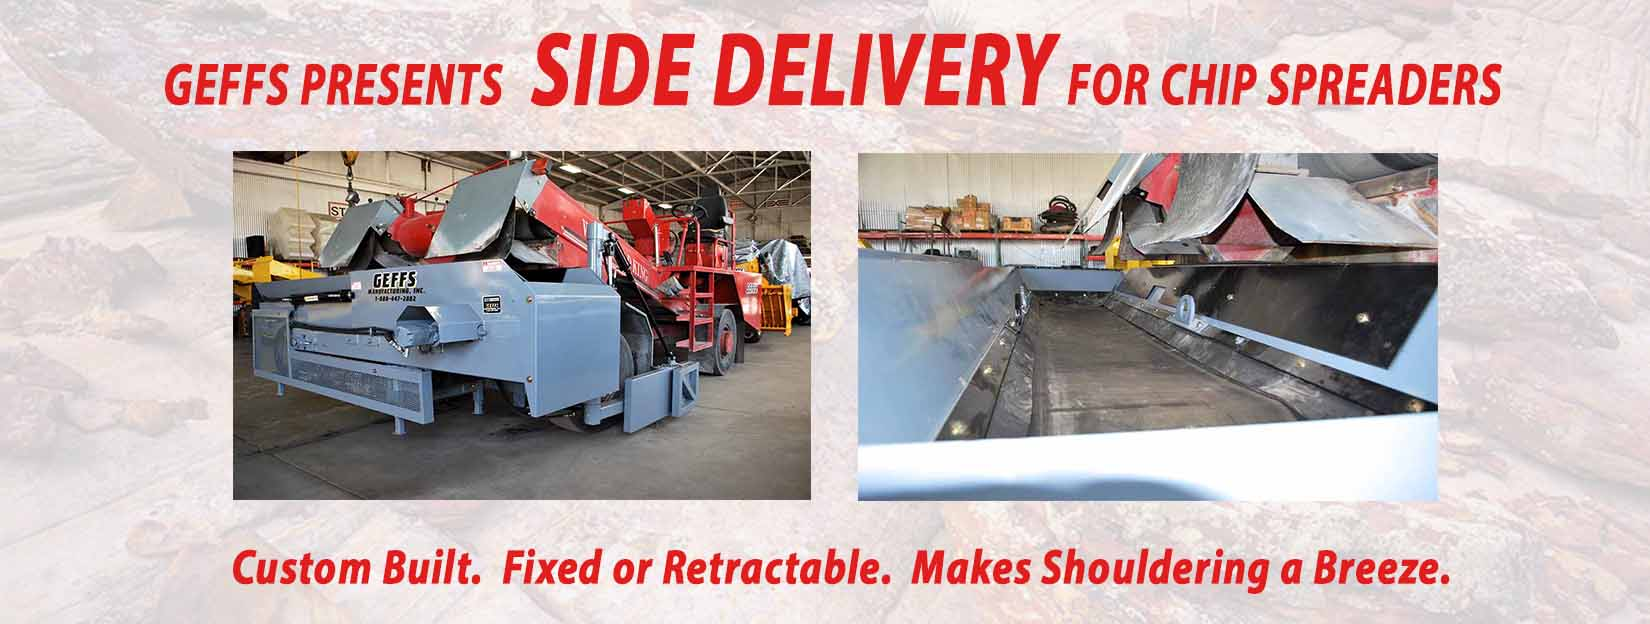 image of GEFFS Chip Spreader Side Delivery Slider